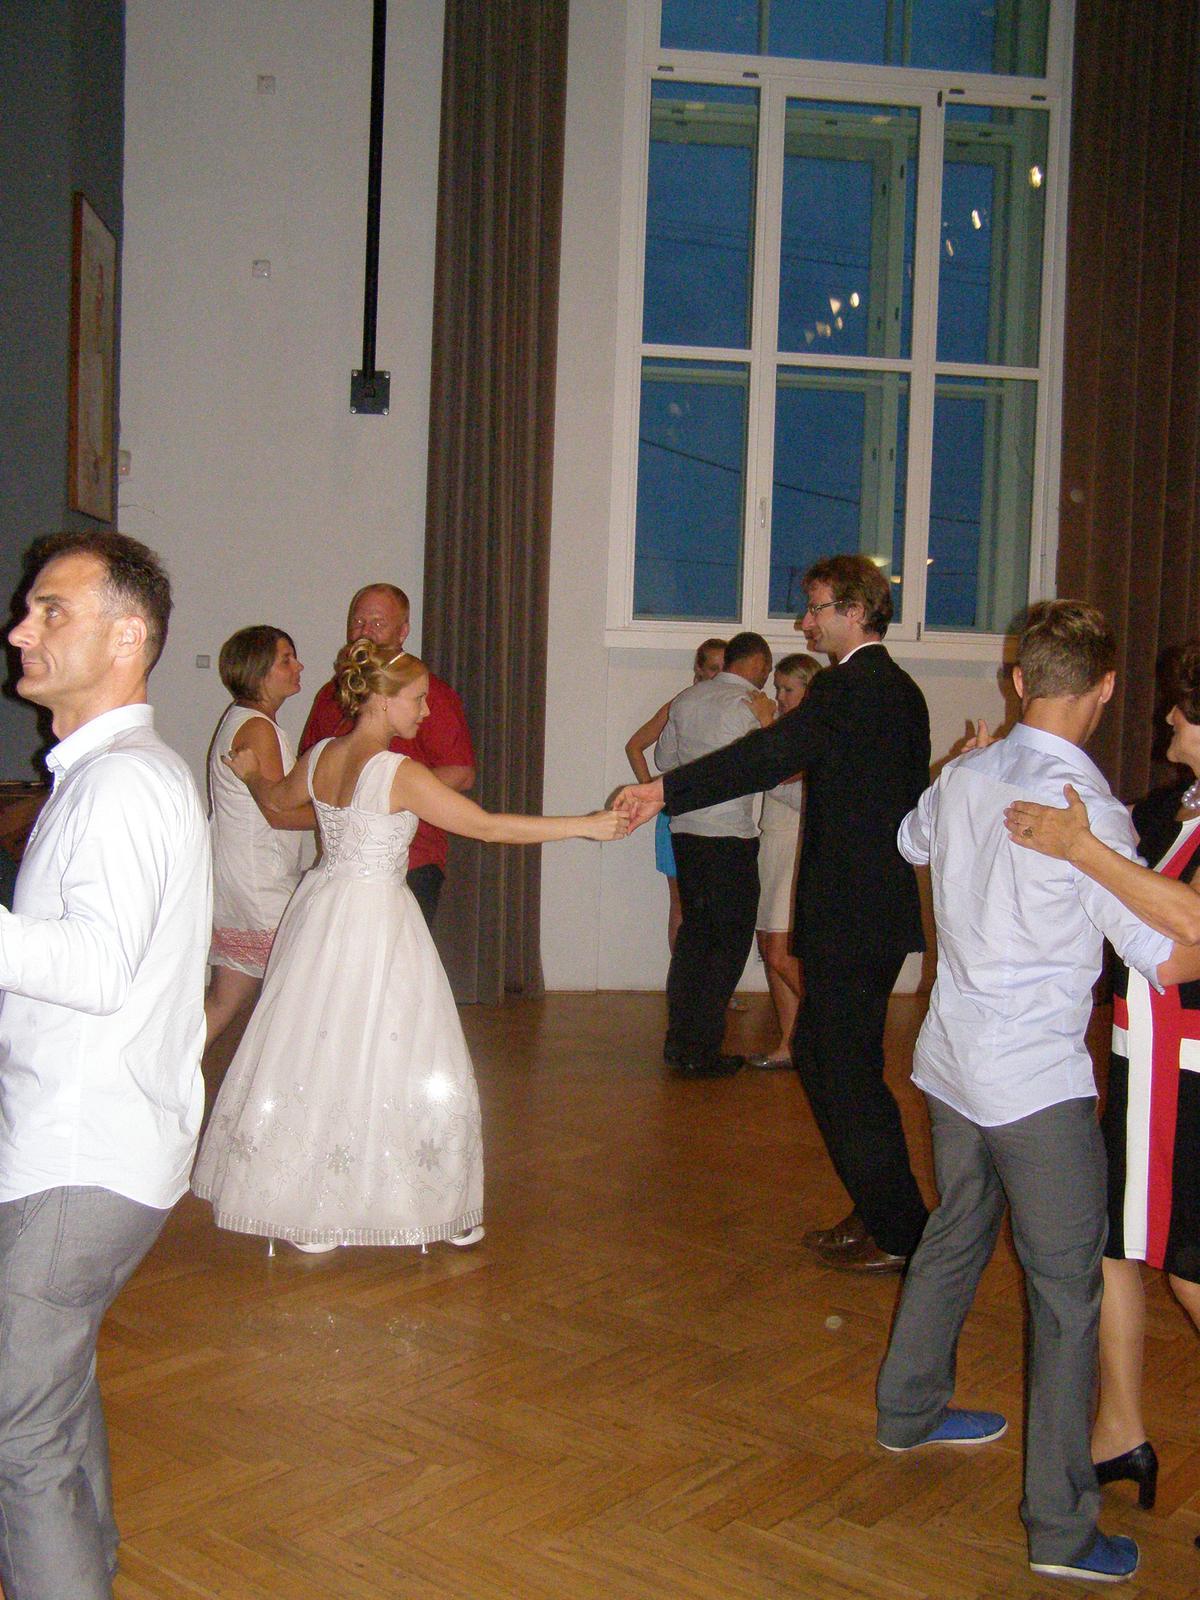 Svatba Lída Čermáková & Jiří Haut - Obrázek č. 7